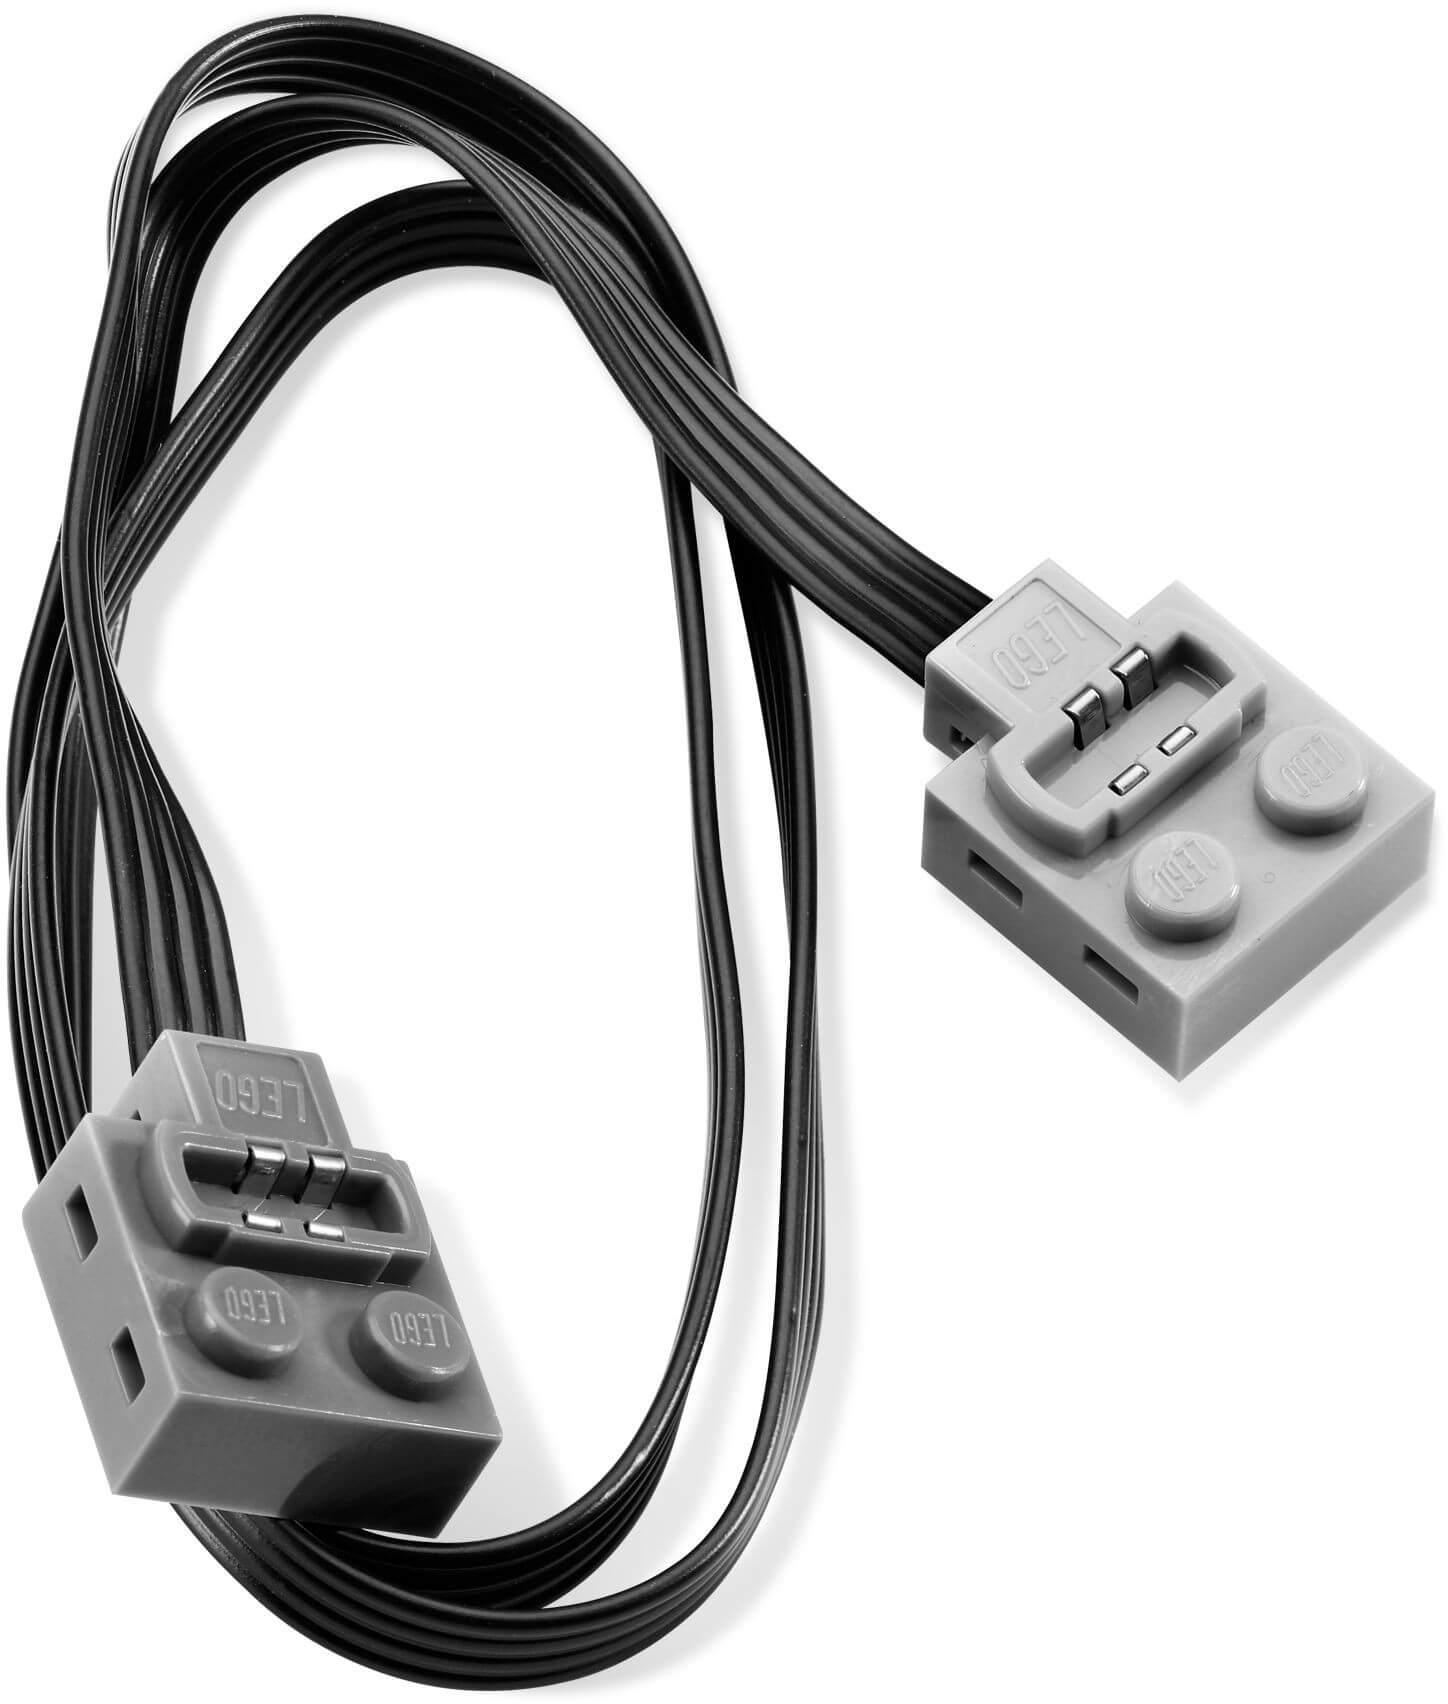 """Mua đồ chơi LEGO 8871 - LEGO Power Functions 8871 - Dây nối mở rộng 50 cm (LEGO Power Functions Extension Wire 20"""" 8871)"""